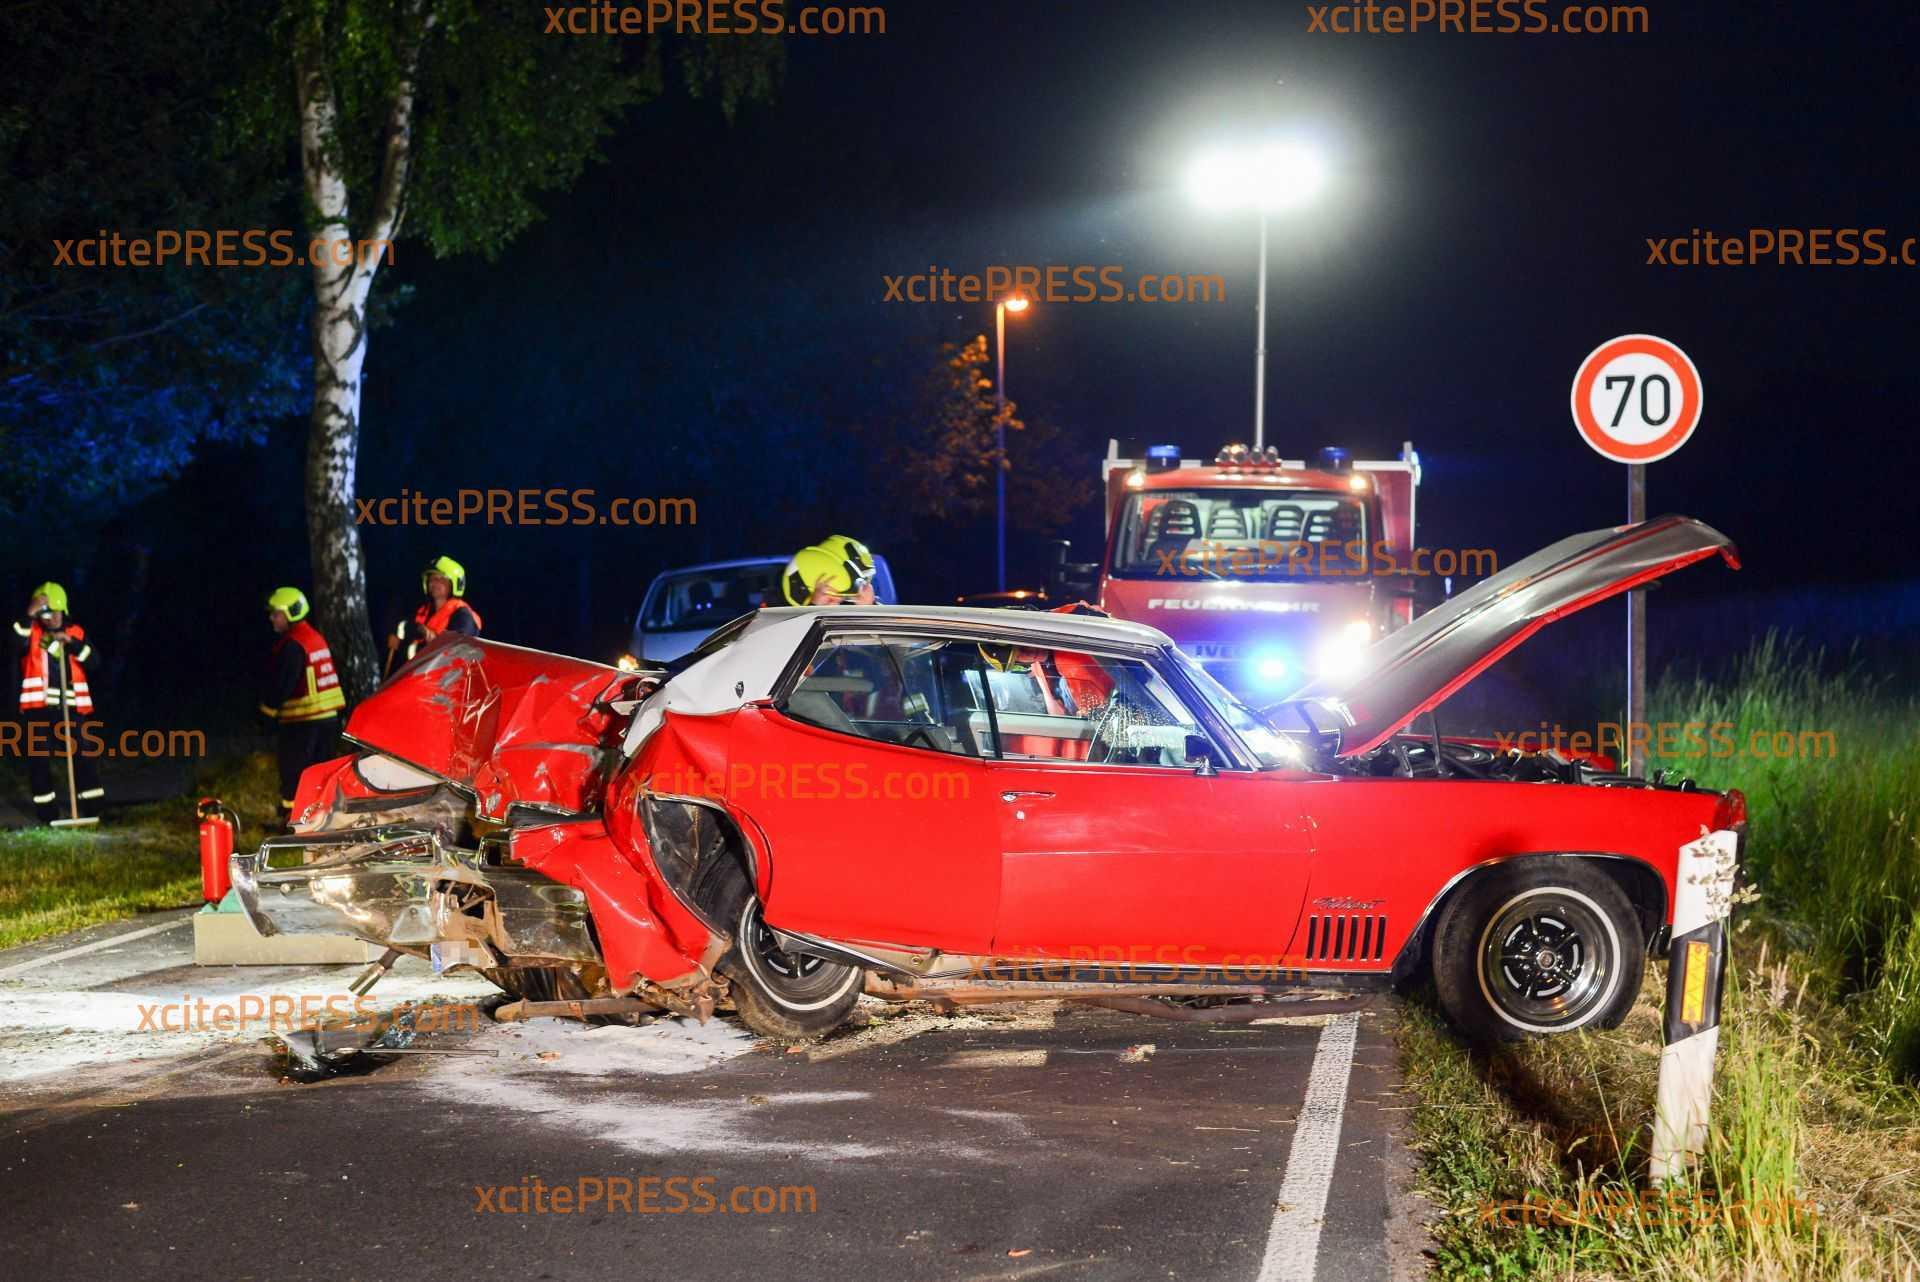 Ami-Schlitten kracht gegen Bäume - 1 Schwerverletzter: Fahrer mehr als doppelt so schnell wie erlaubt, Fahrzeug nicht zugelassen, meterlange Bremsspur